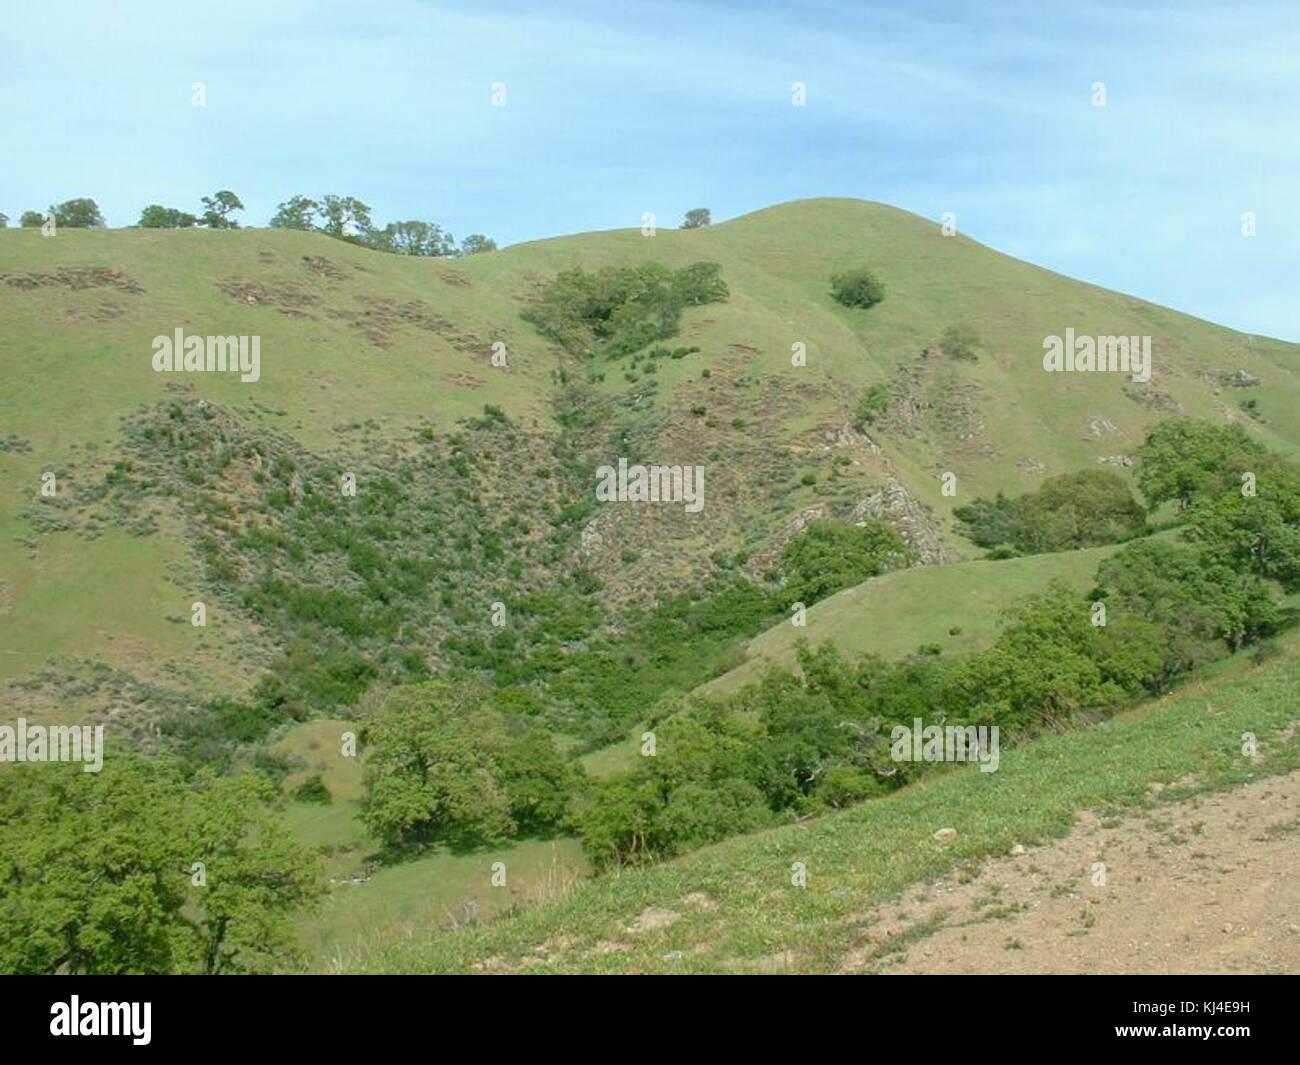 Sunol Regional Wilderness Stock Photos & Sunol Regional Wilderness Stock Images - Alamy